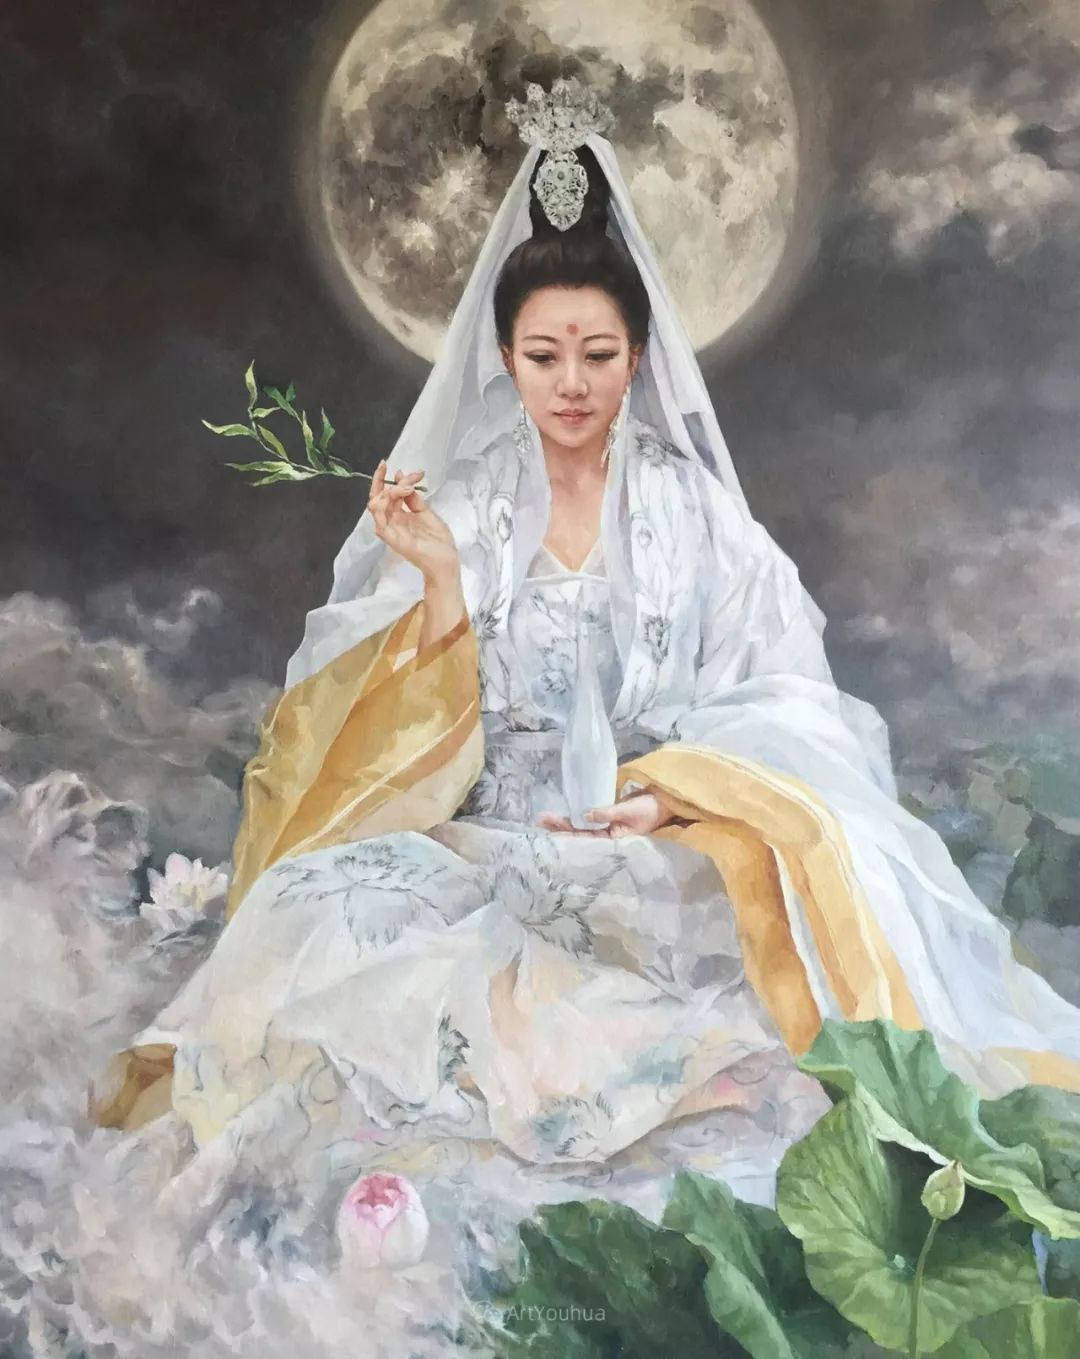 风情演绎唯美东方女性,单纯清澈,不媚不妖!插图27